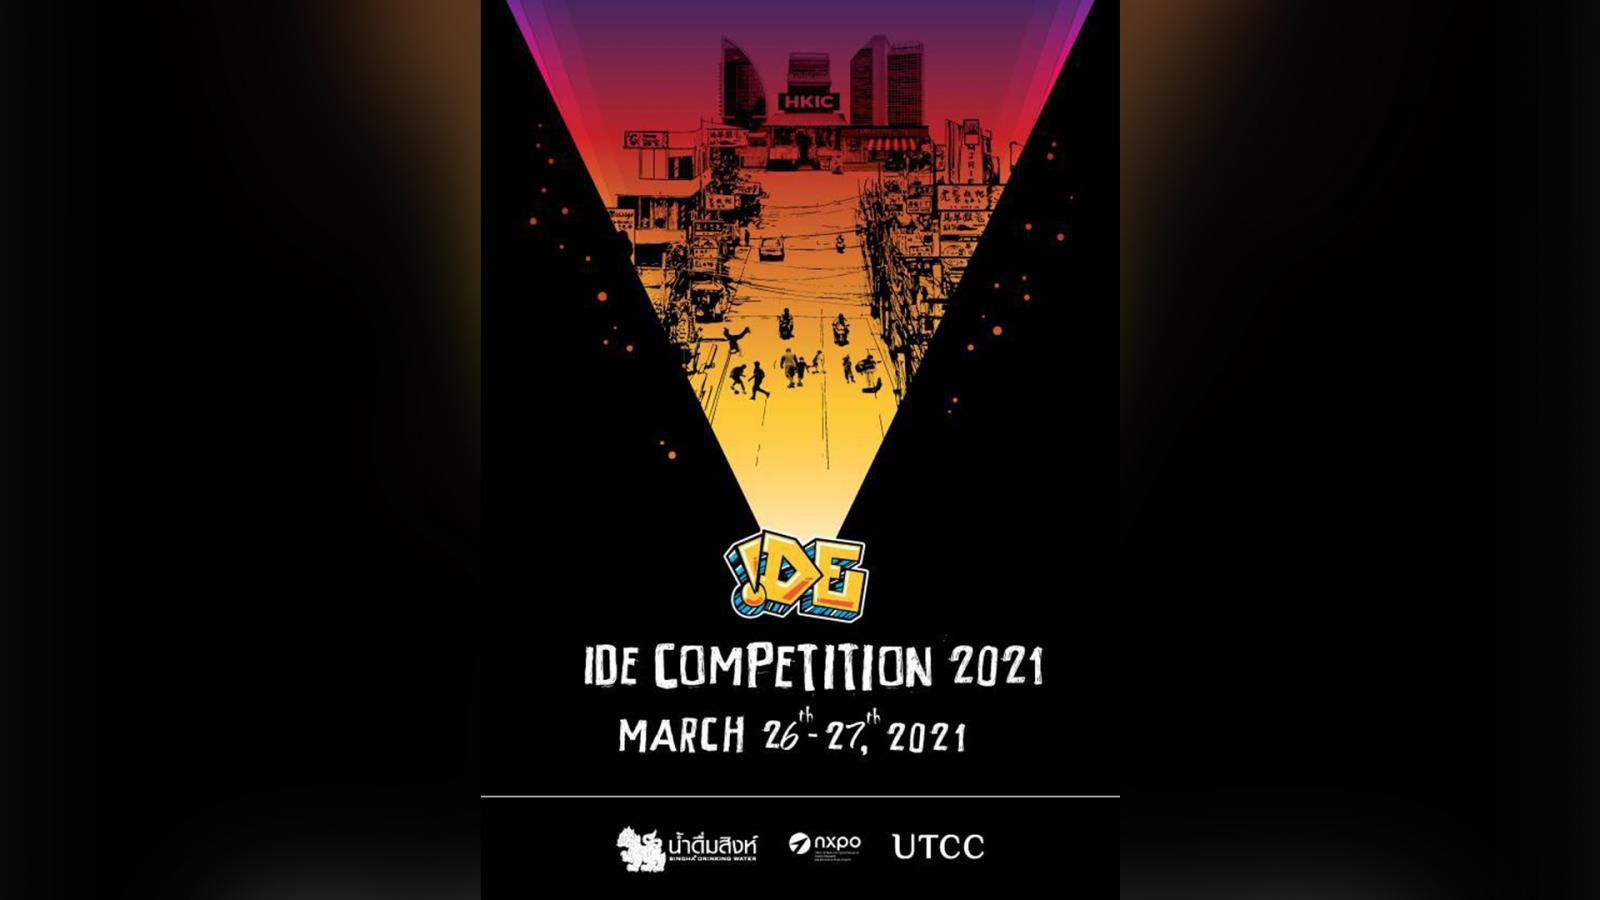 """ม.หอการค้า จัดงาน ประชันไอเดียนวัตกรรมชุมชน  """"IDE Competition 2021""""  26 - 27 มี.ค.64"""